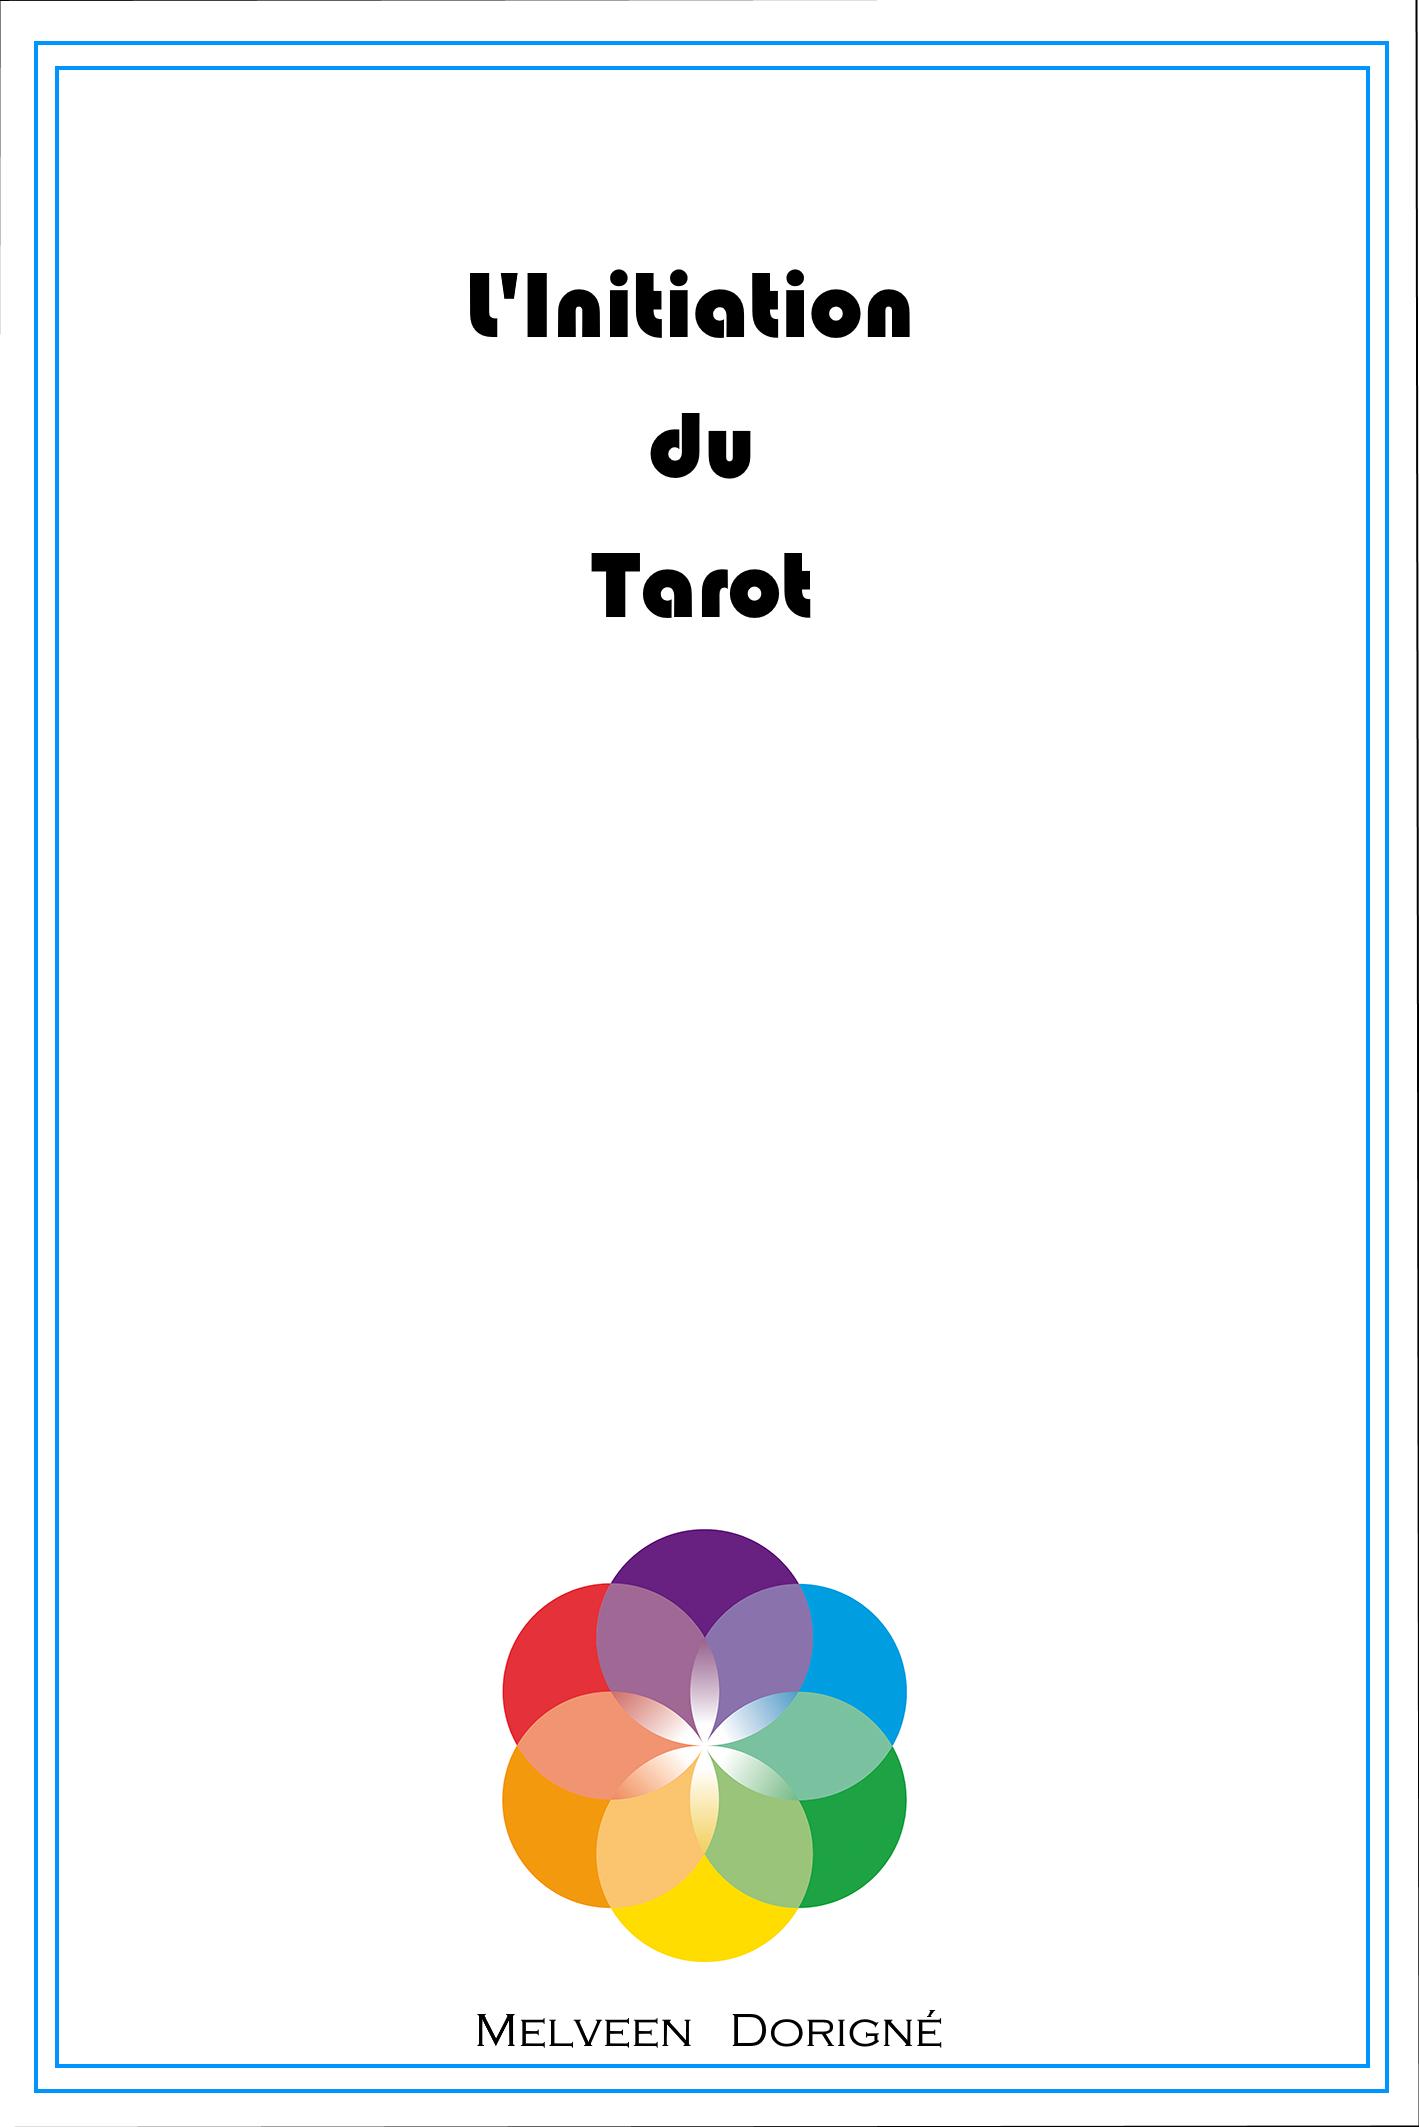 L'Initiation du Tarot